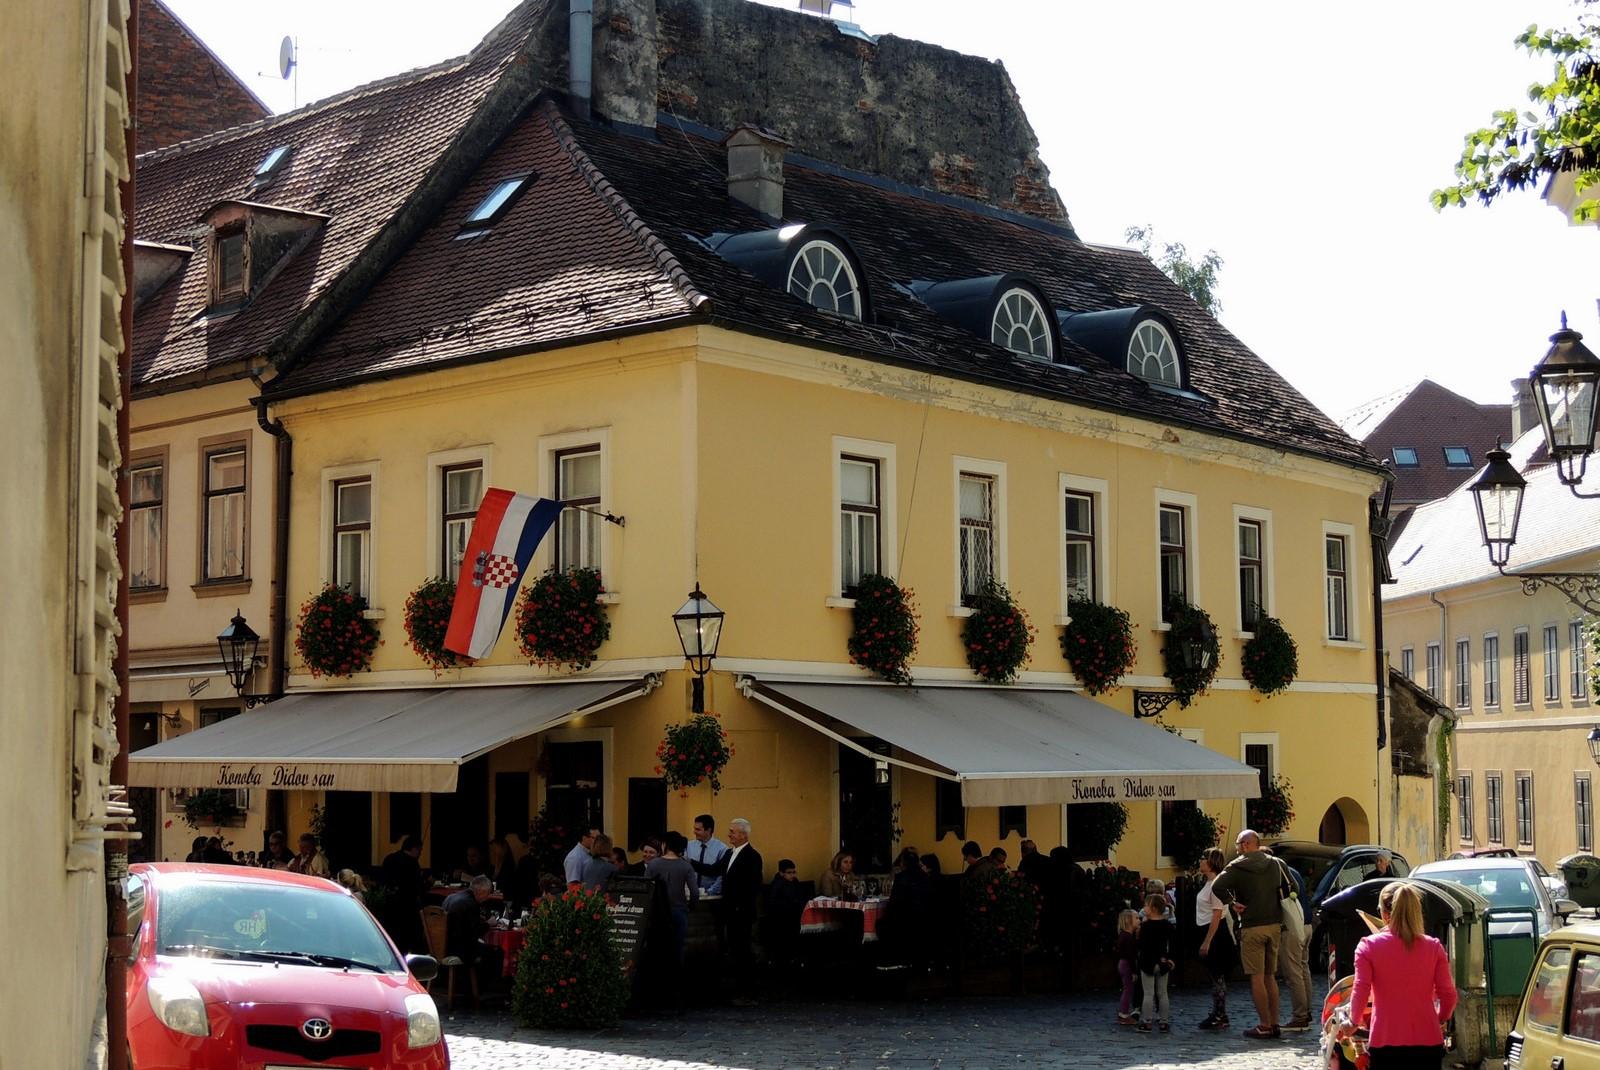 Entlang des Autoput - Konoba Didov San in Zagreb